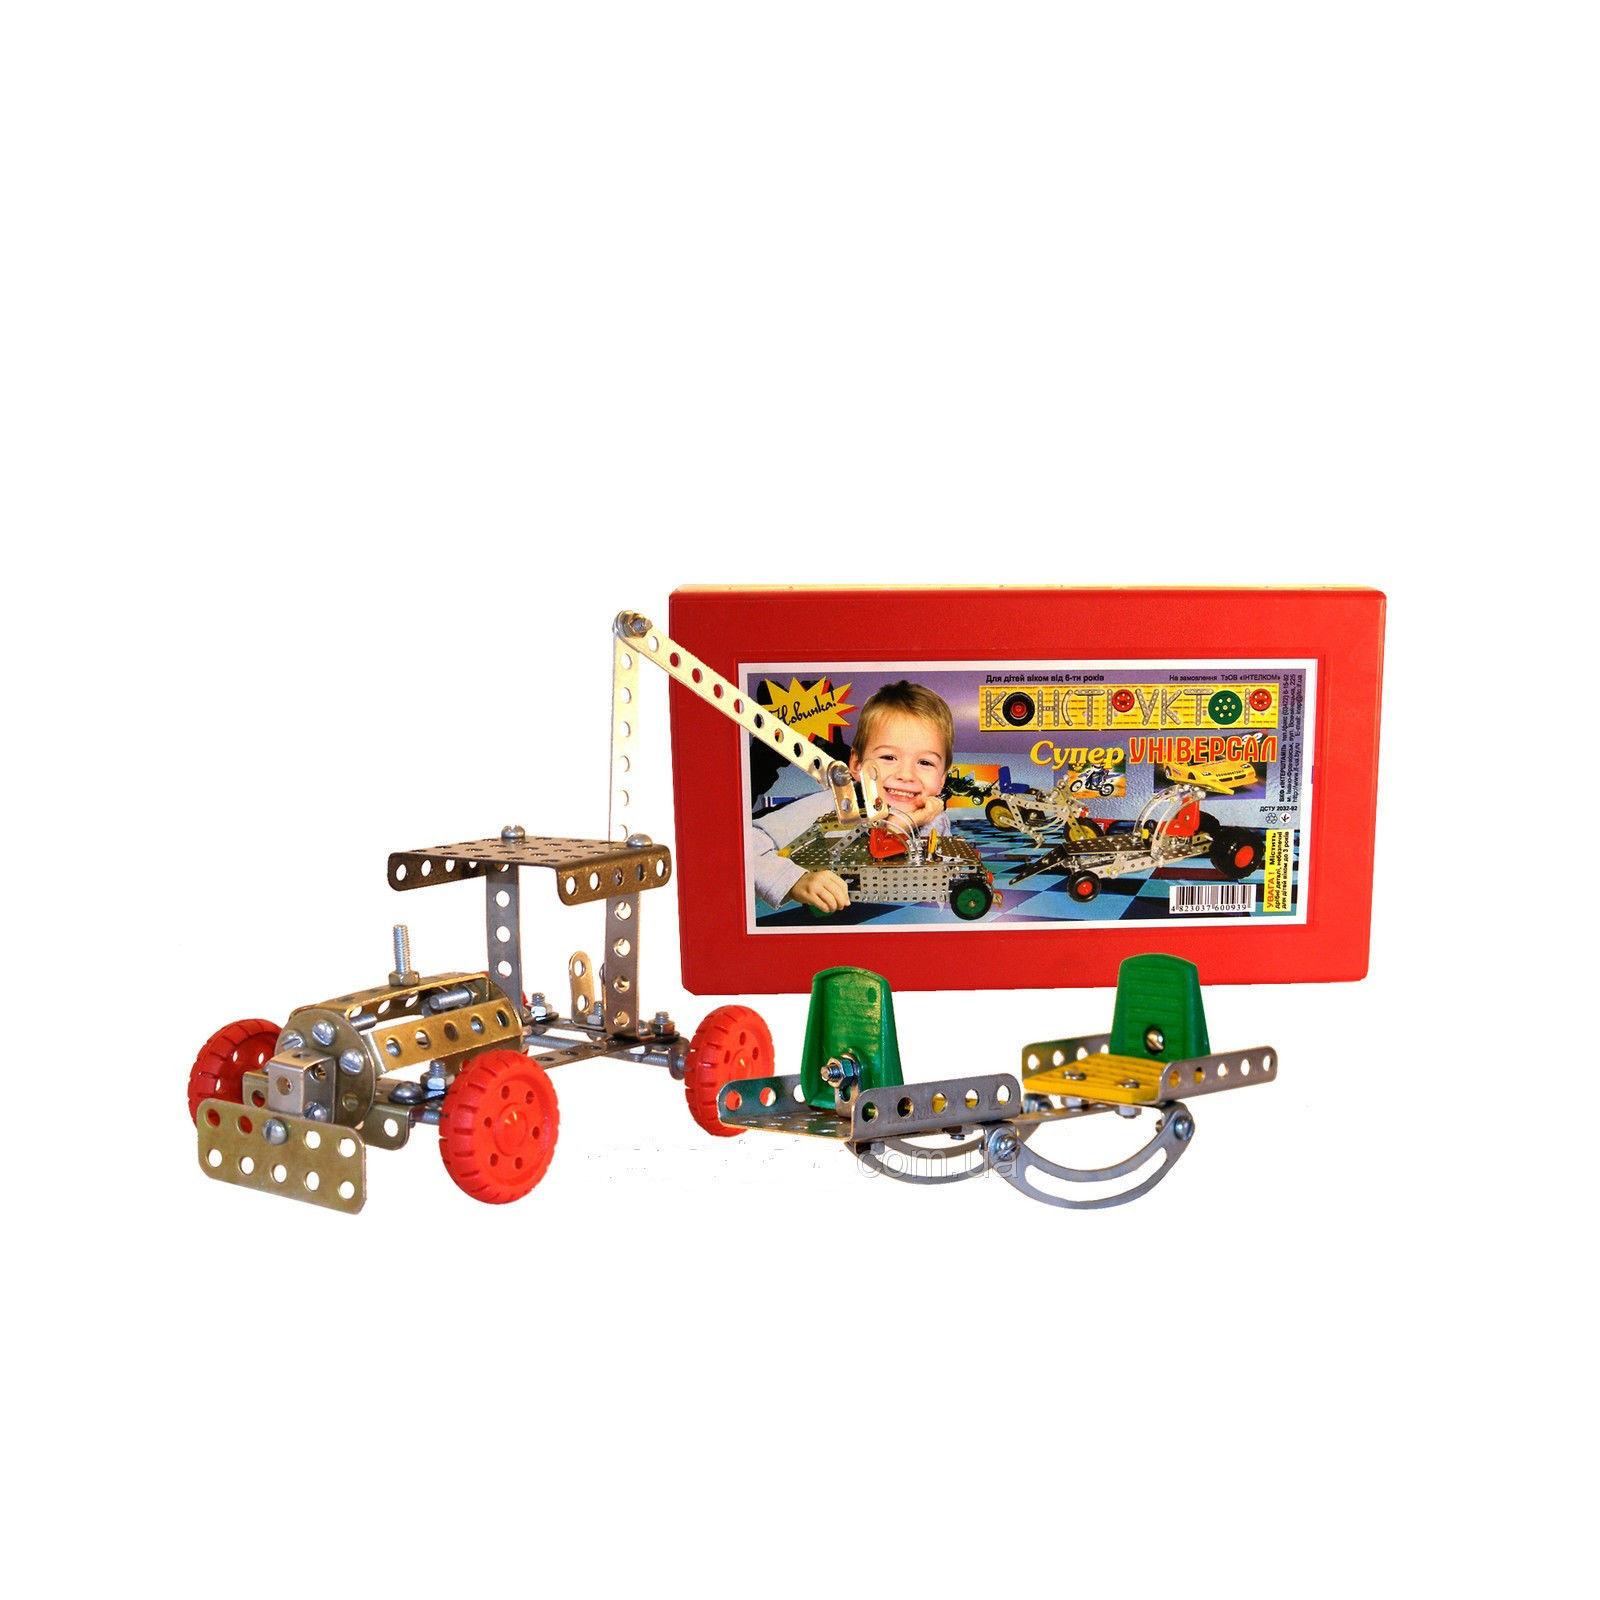 Конструктор Технок металлический Суперуниверсал (0939) изображение 3